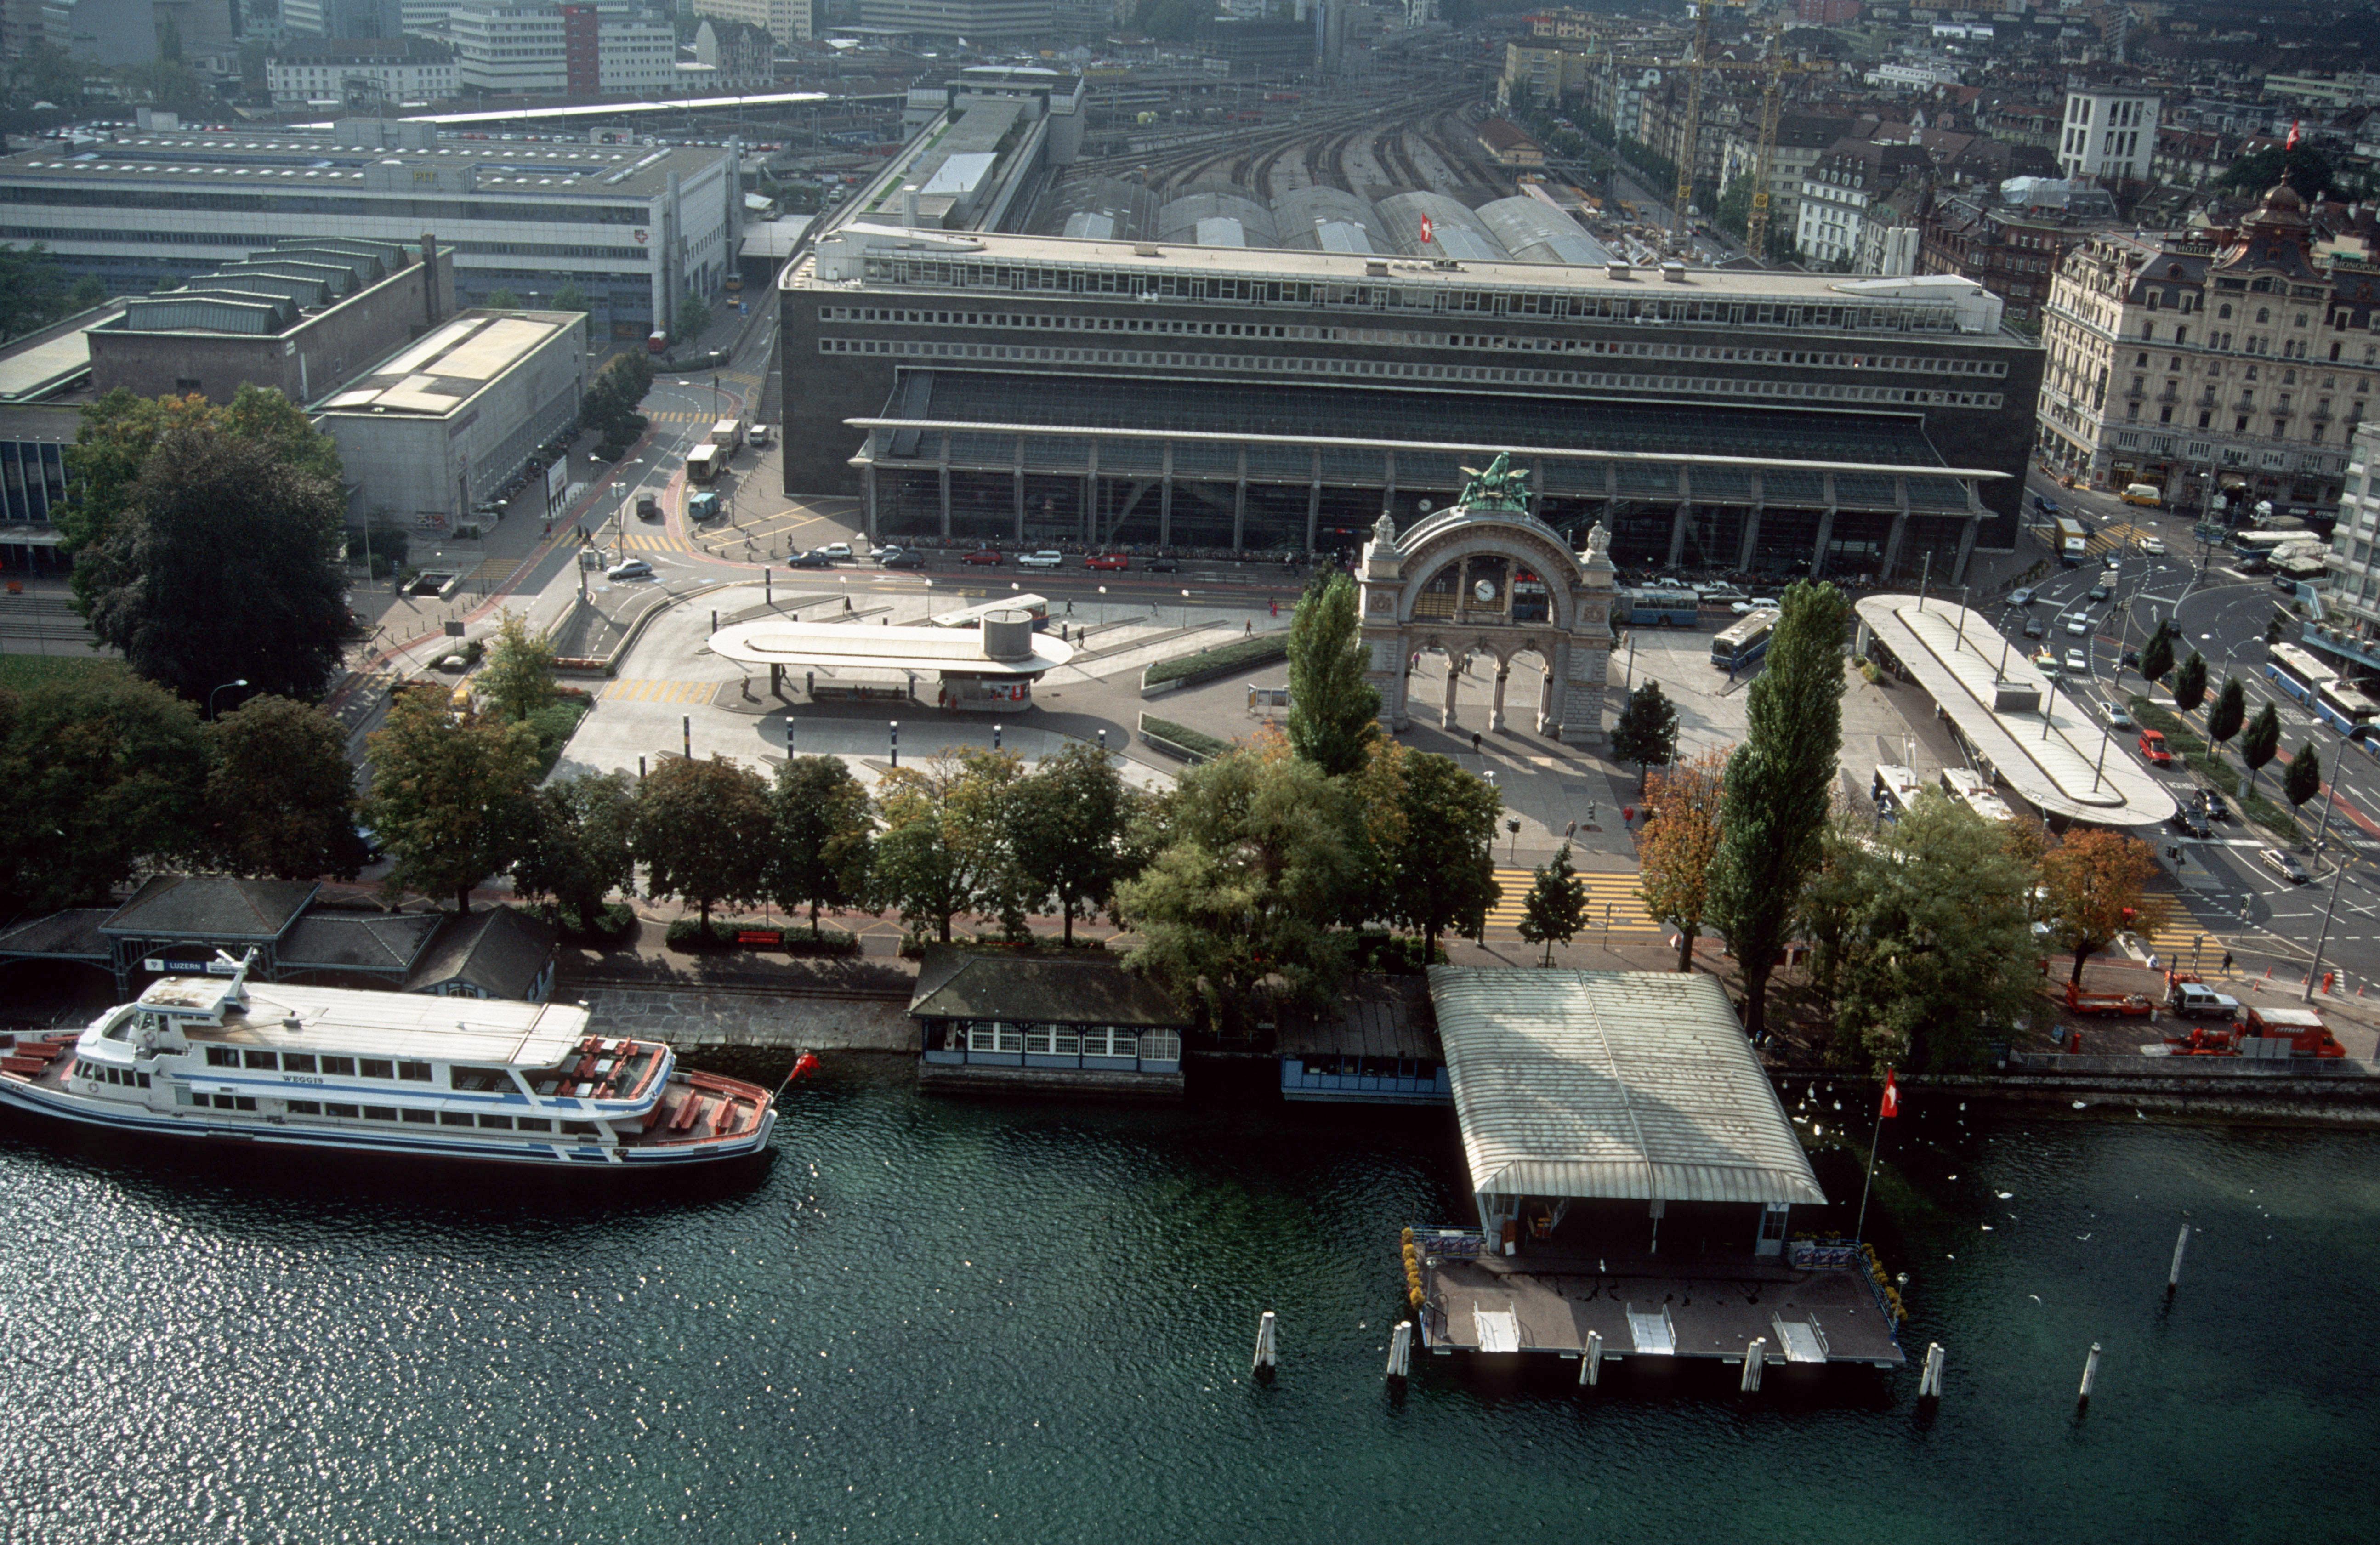 Die Landungsbrücke, rechts unten im Bild, auf einer älteren Aufnahme.